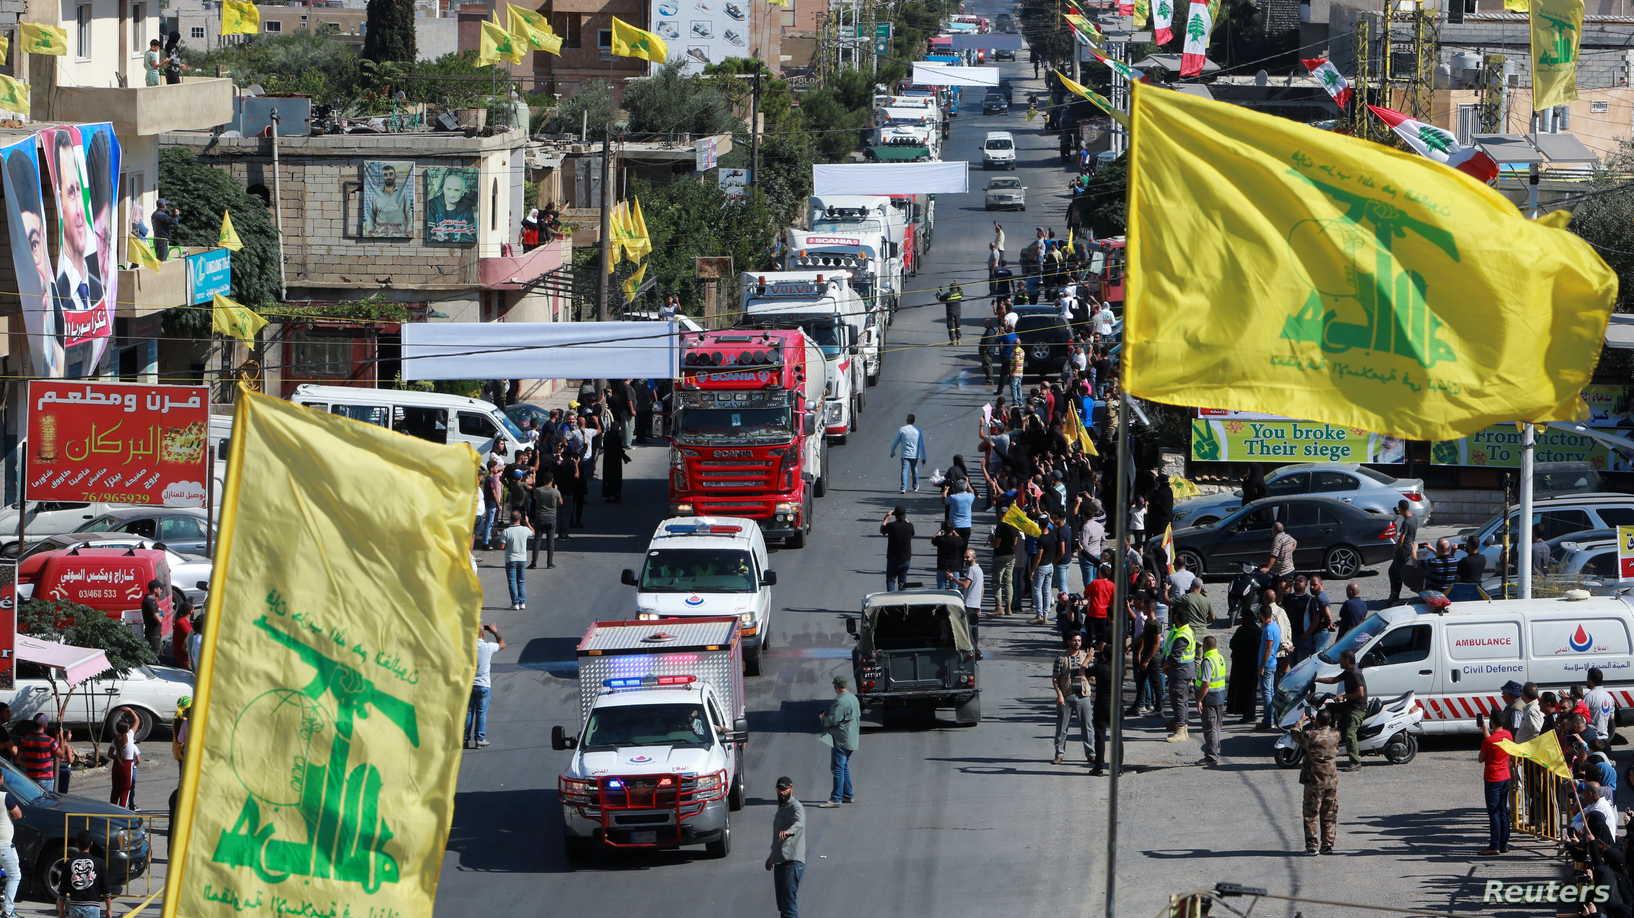 لماذا لم يستهدف الاحتلال قوافل شاحنات النفط القادمة إلى لبنان؟